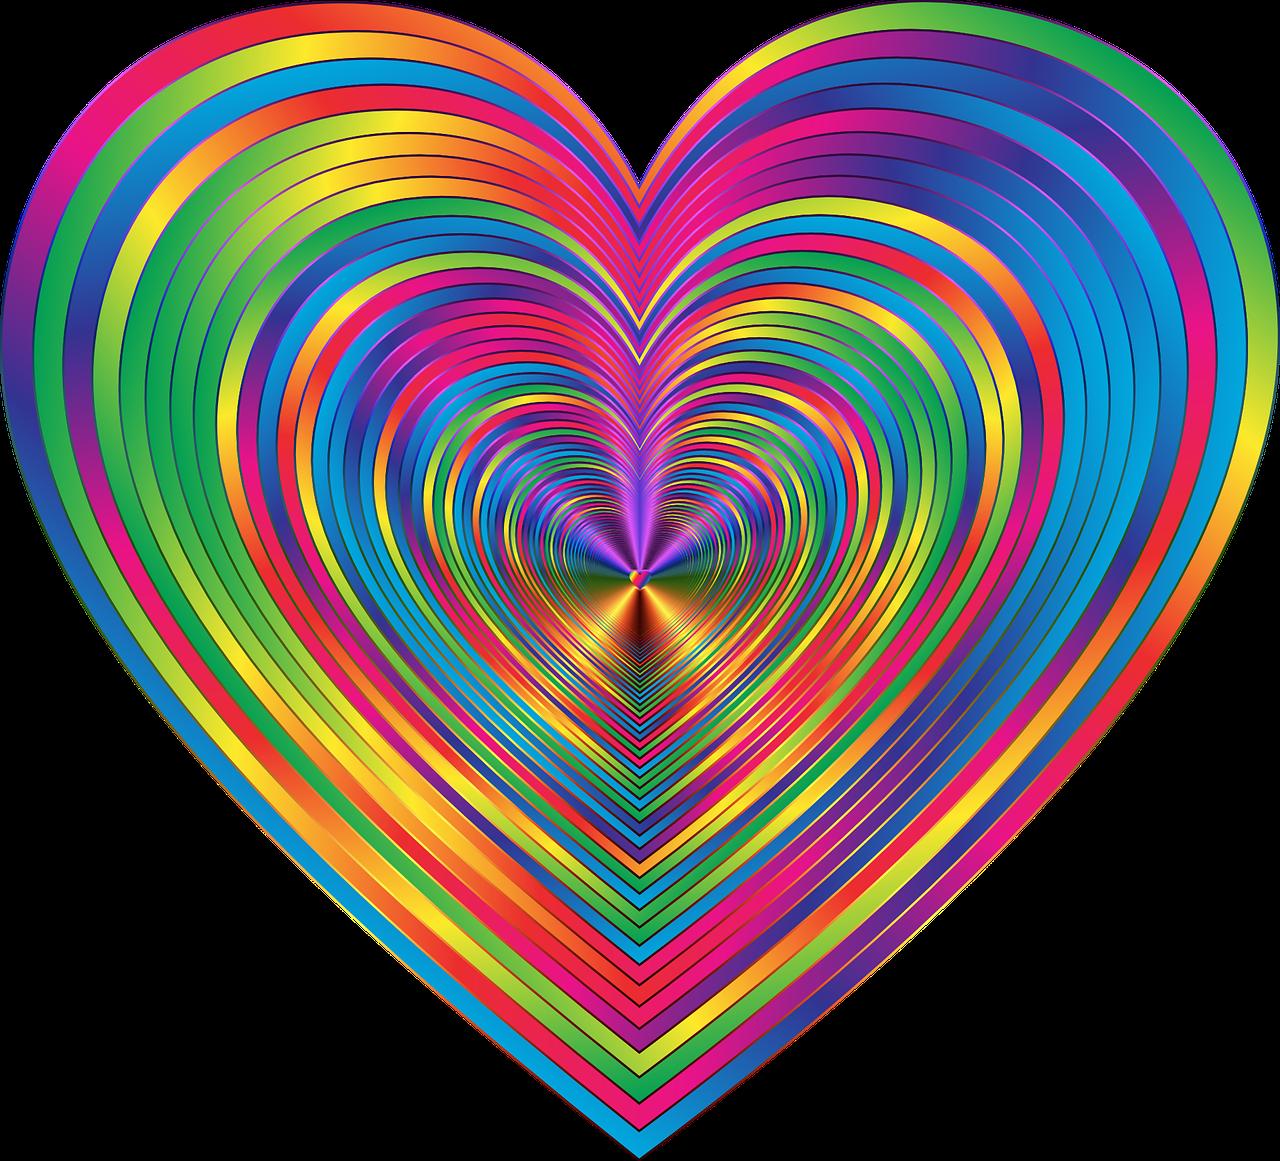 When It Comes To The Tie Dye Trend Eat It Don T Wear It Rainbow Tie Dye Surprise Cake Heart Heart Stickers Rainbow Heart Rainbow Images